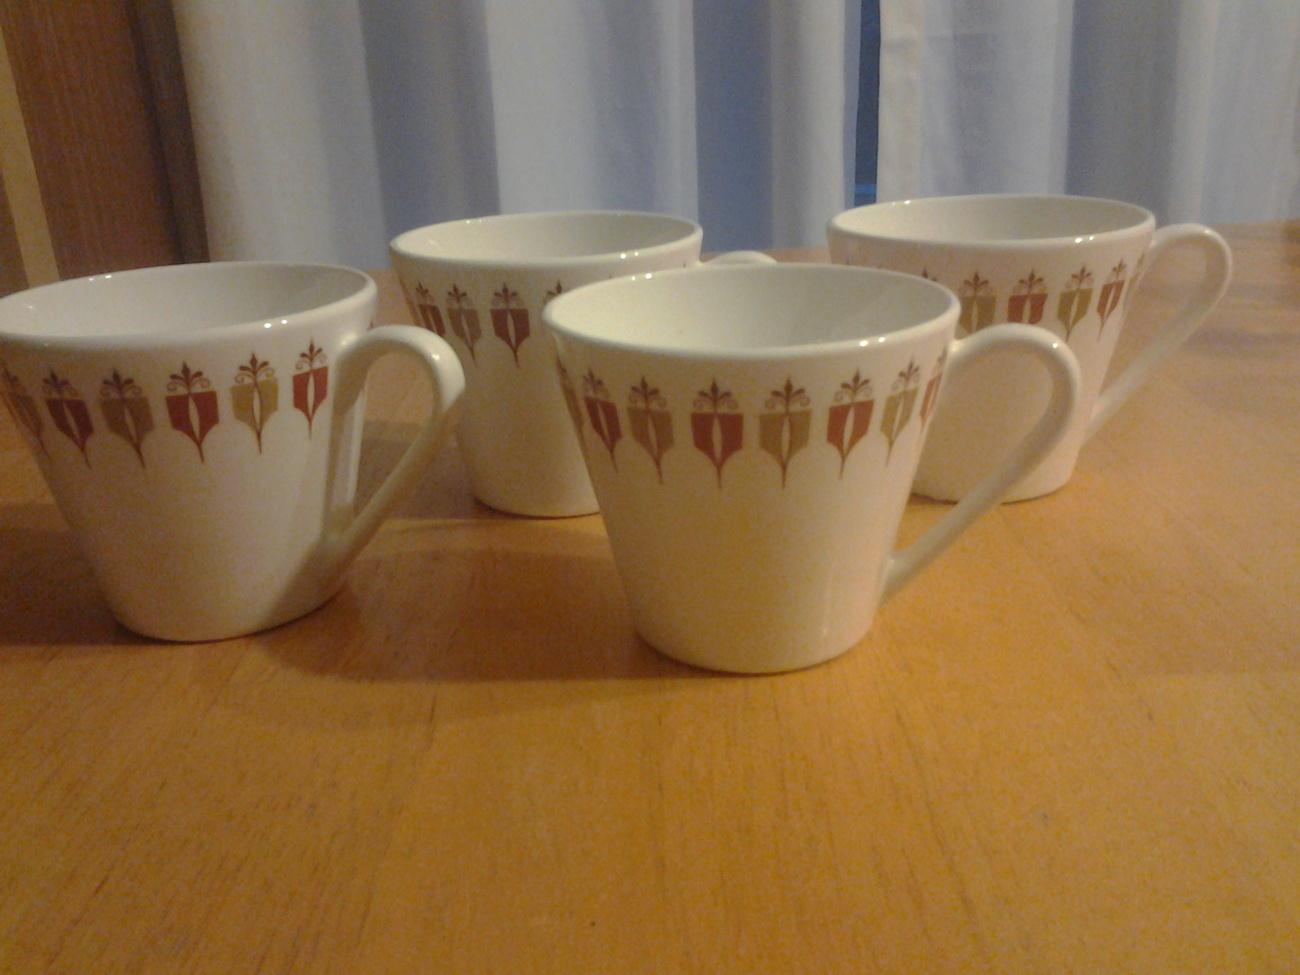 Syracuse China Syralite Mugs 4-White Ironstone w Shield Design Restaurant Ware